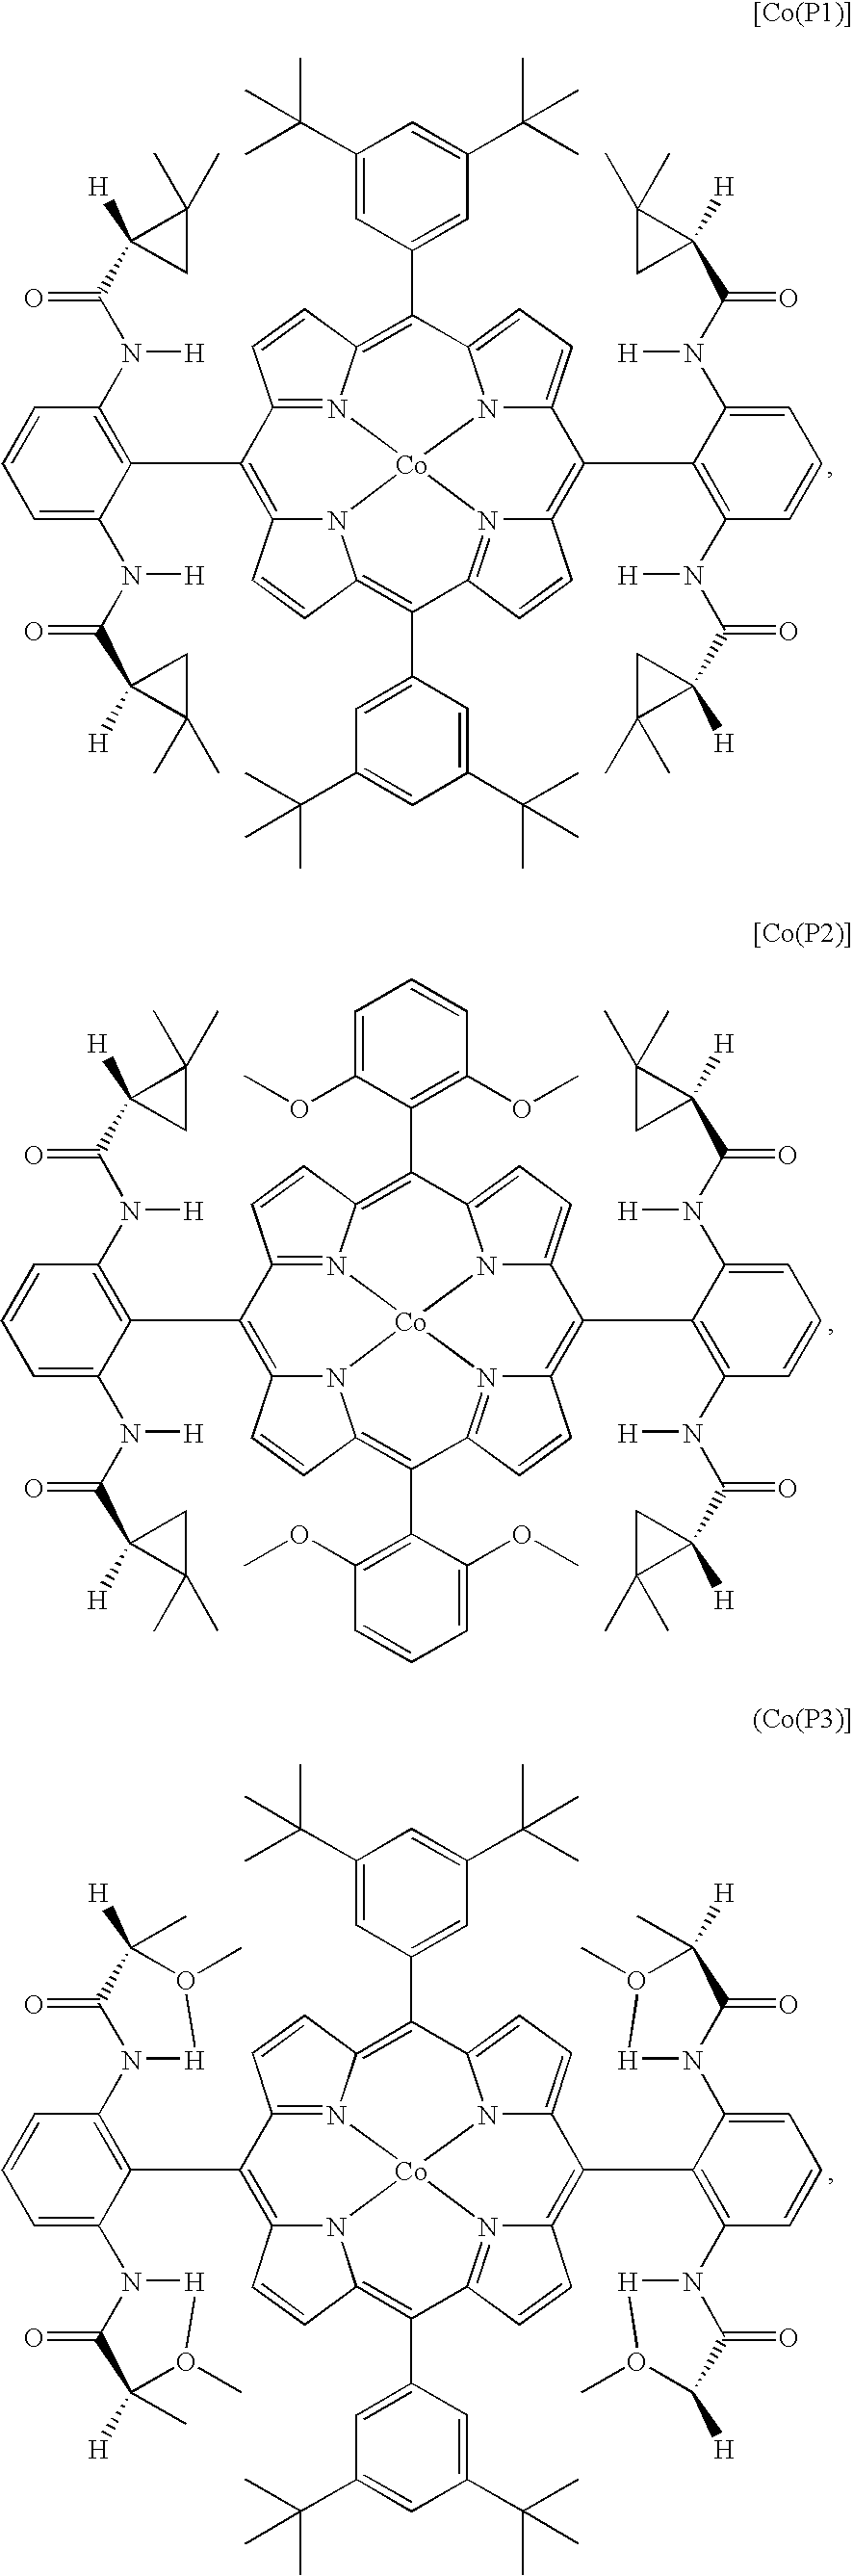 Figure US20100081838A1-20100401-C00119